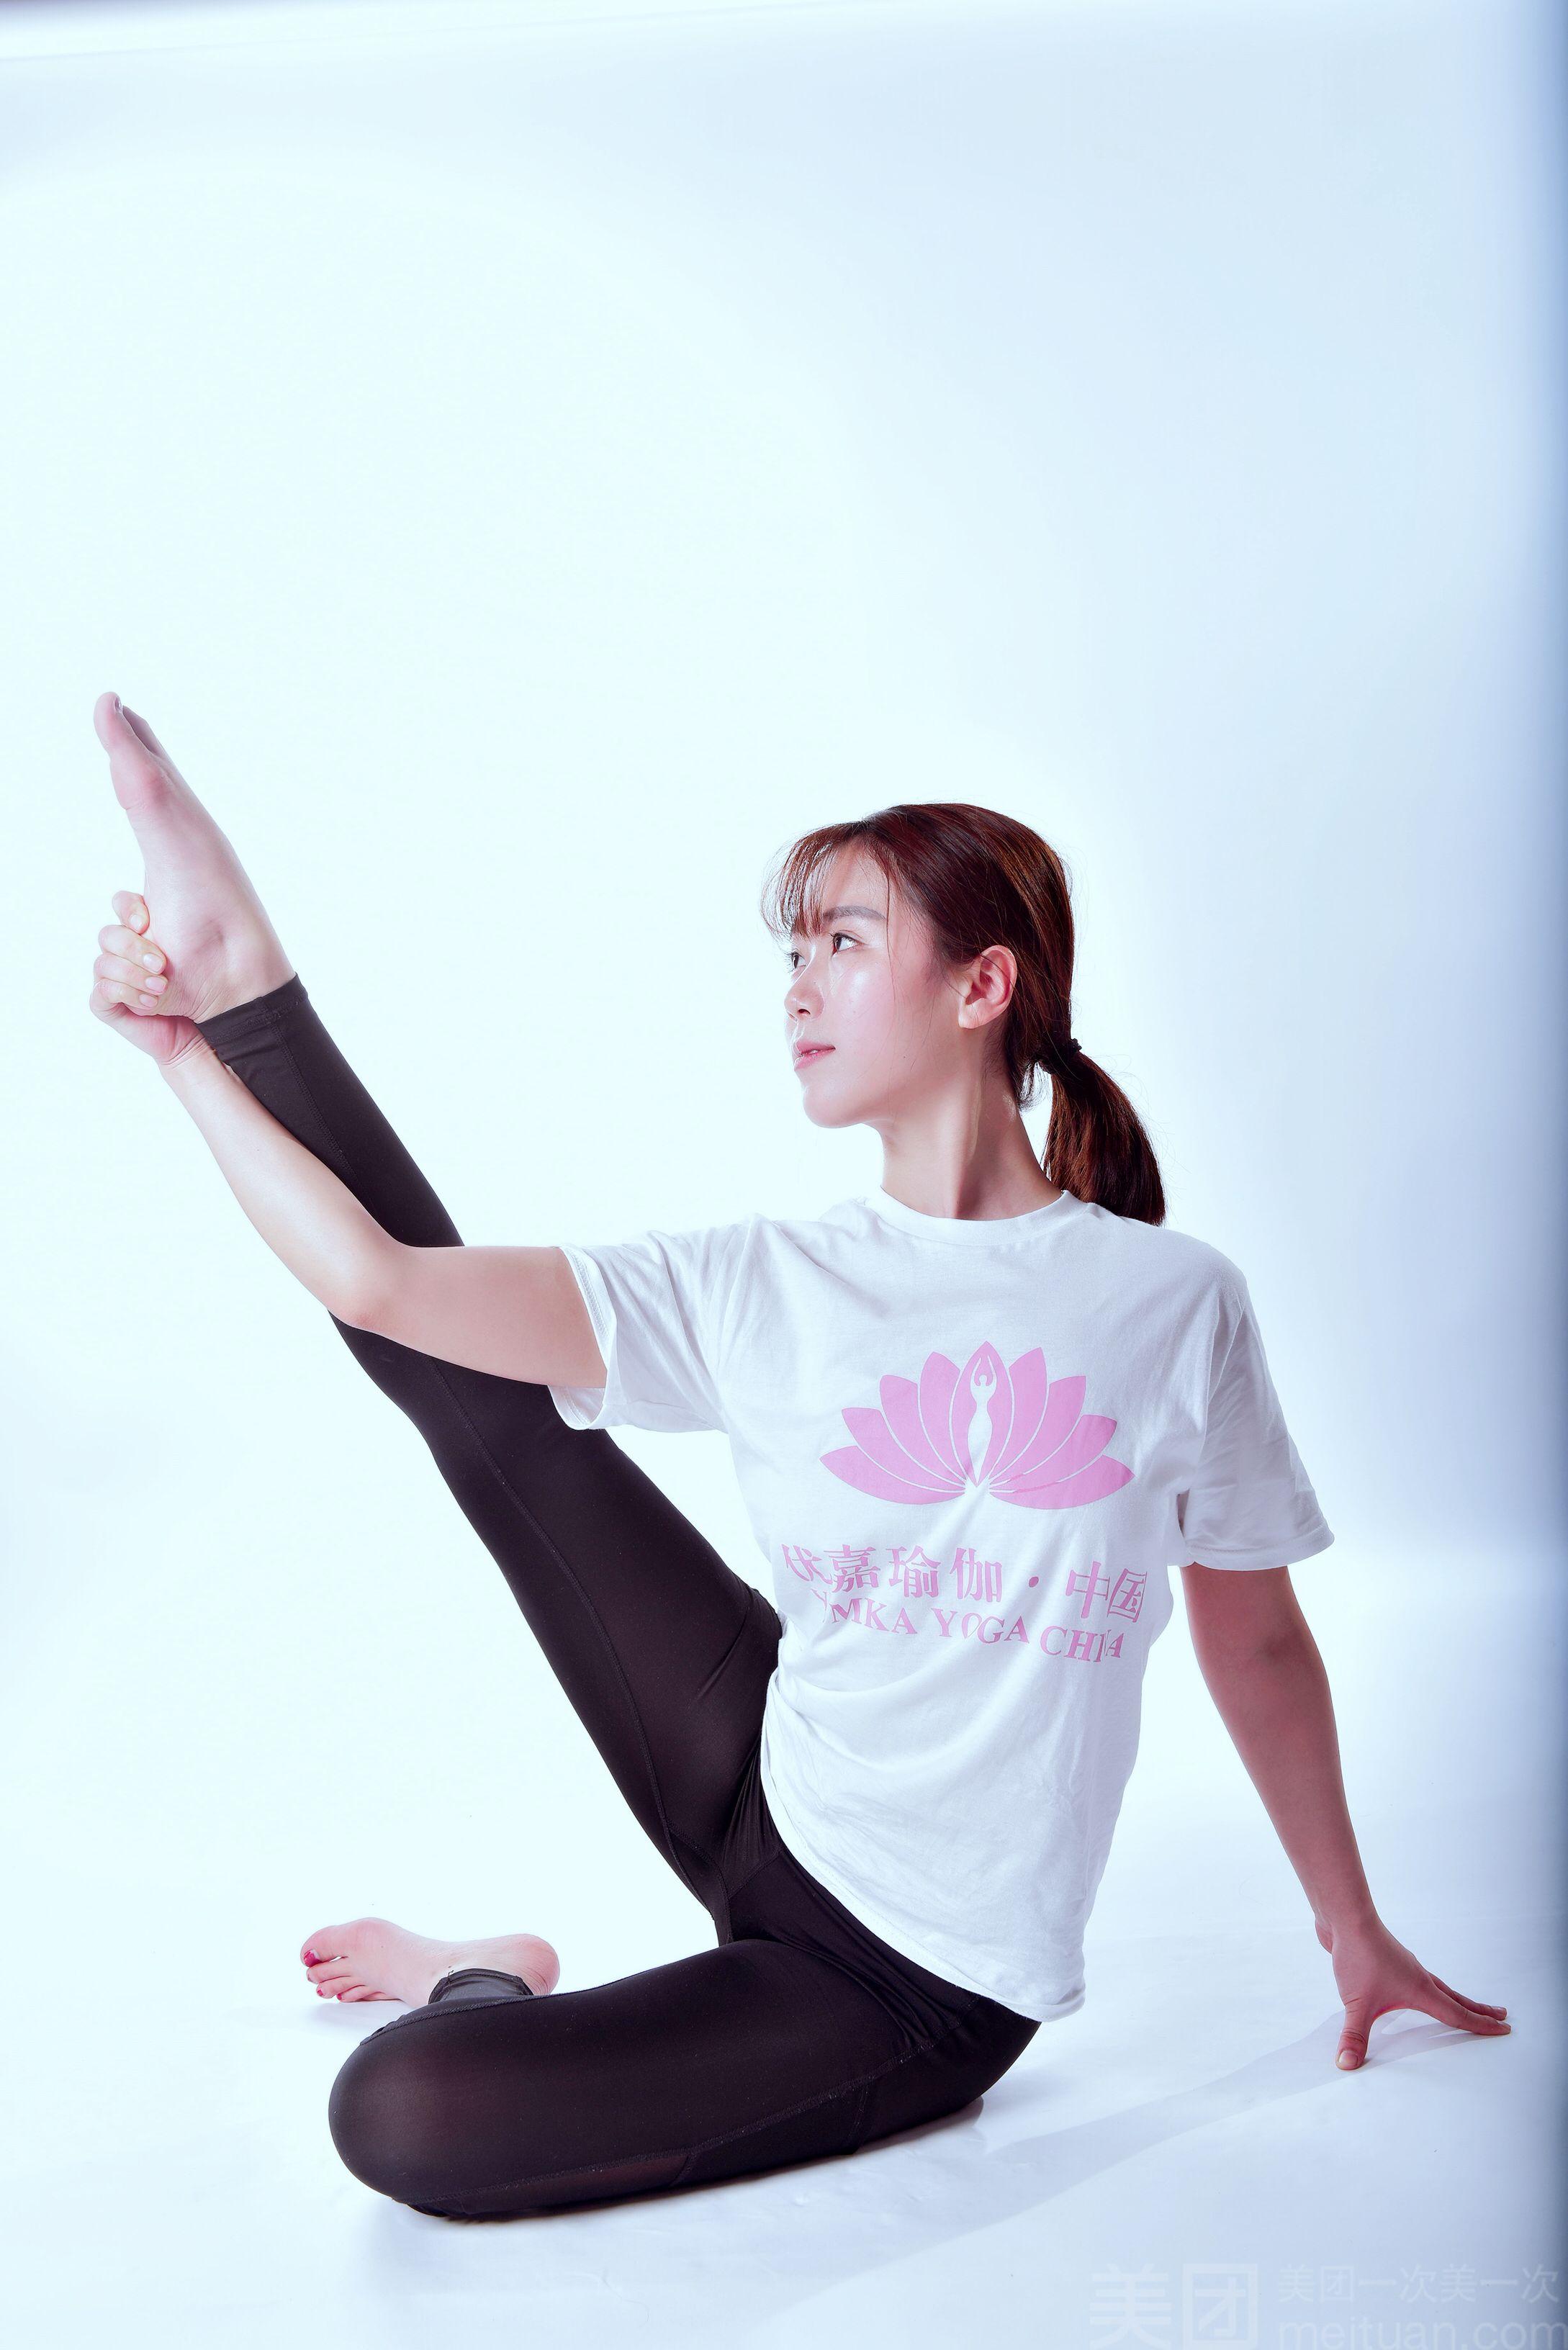 :长沙今日团购:【优嘉瑜伽】单人瑜伽教练培训体验次卡